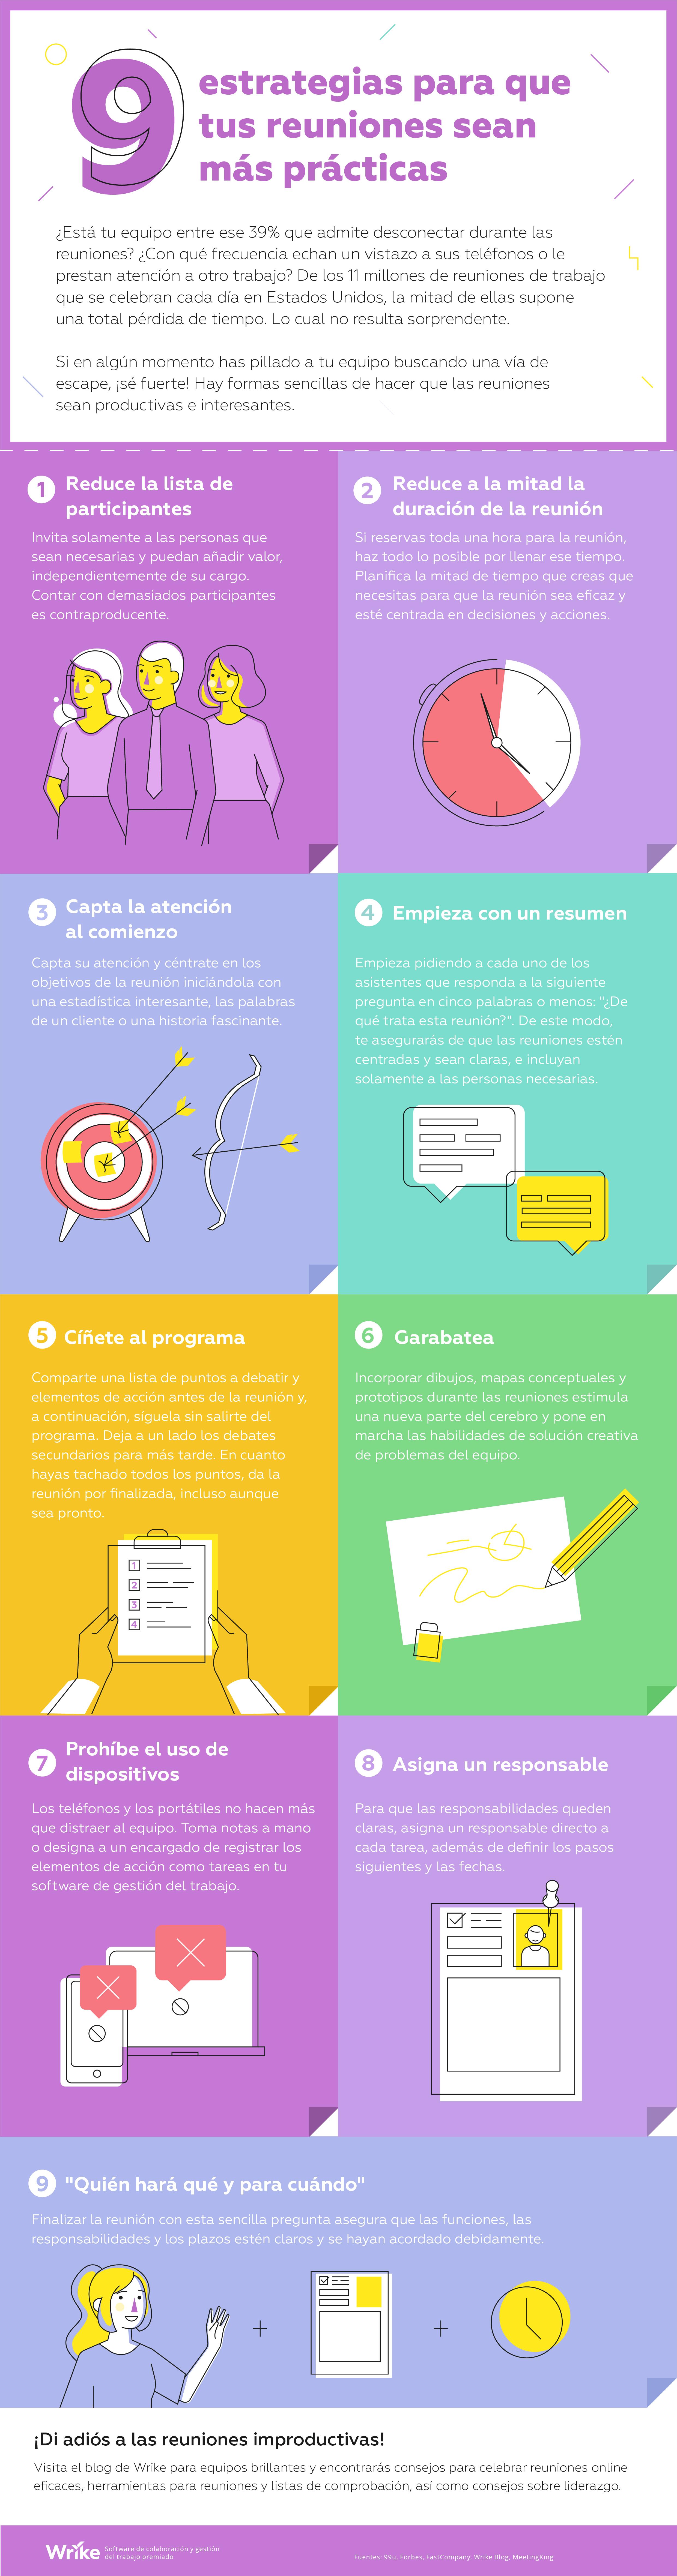 9 estrategias para que tus reuniones sean muy eficaces